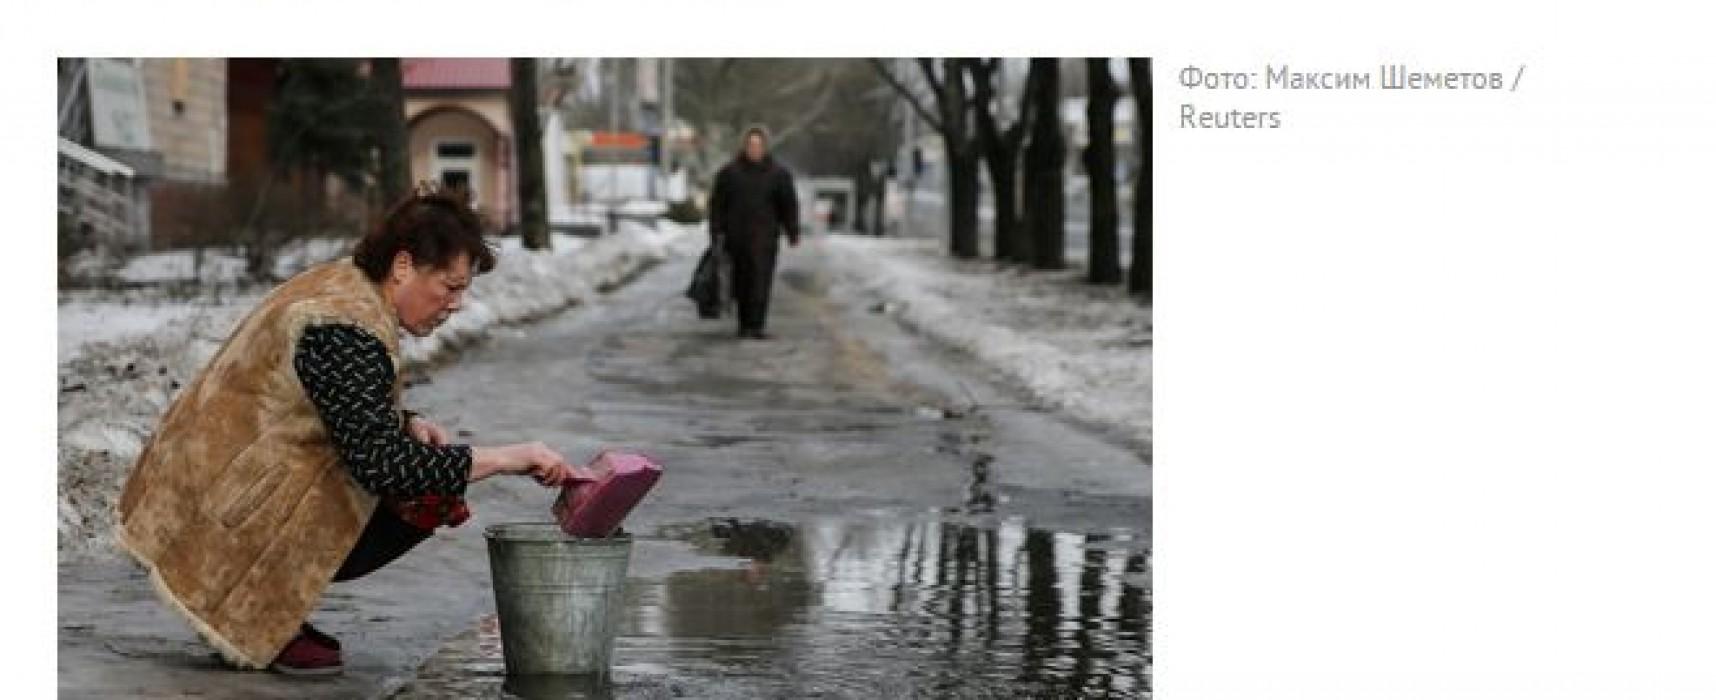 Фейк: Украина отключила ЛНР от водоснабжения